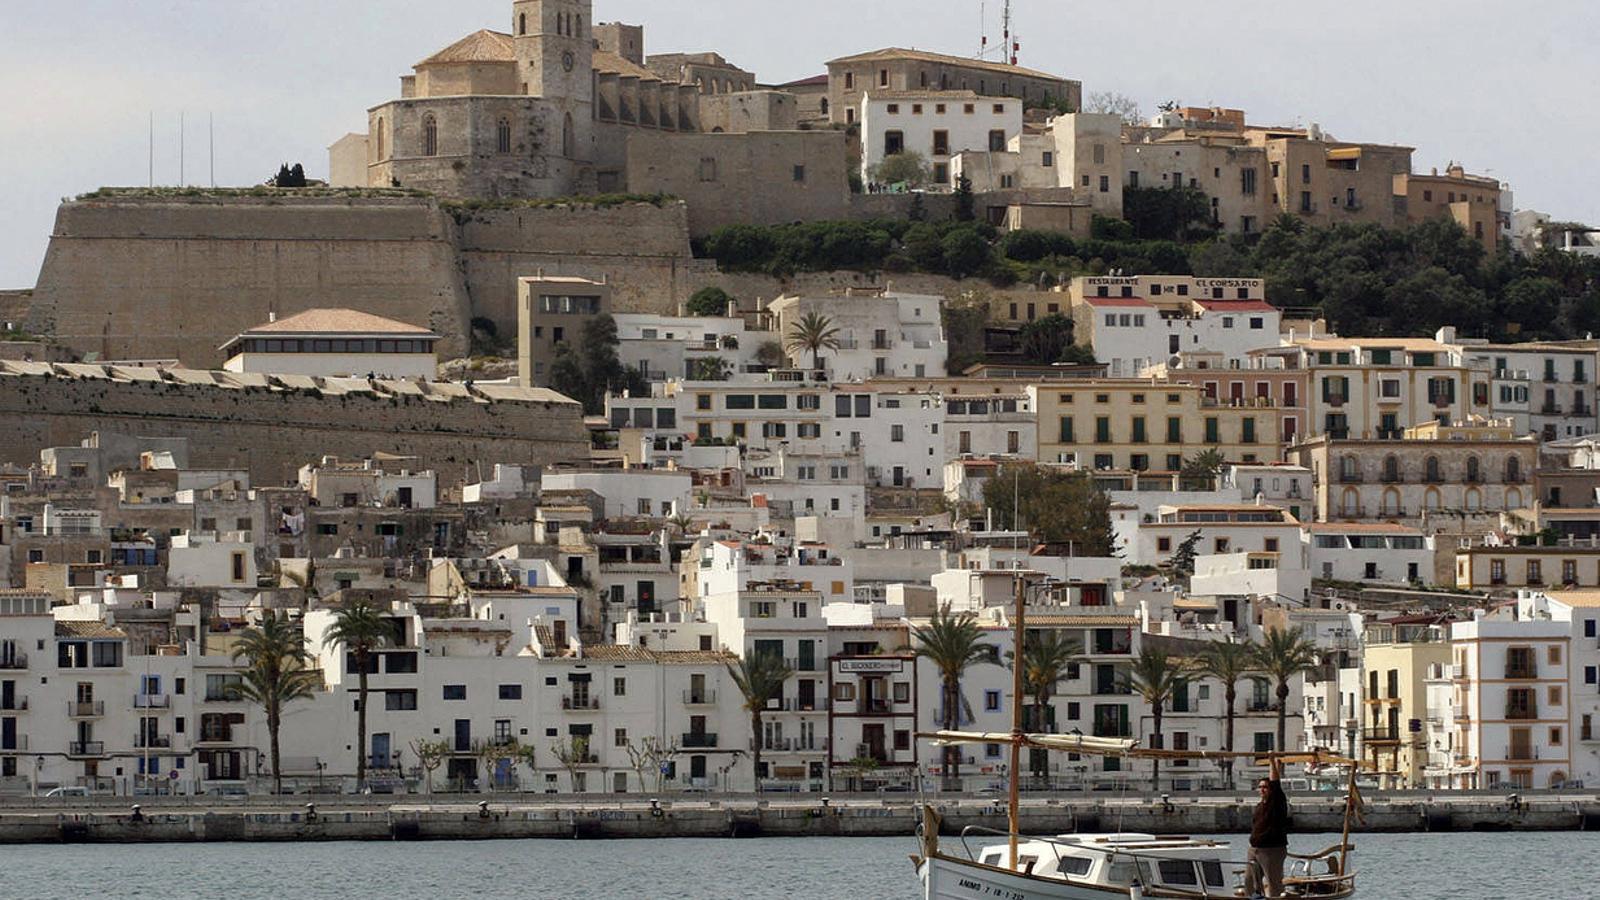 El temporal de desembre i gener ha permés tornar a la normalitat la situació dels recursos hídrics d'Eivissa.